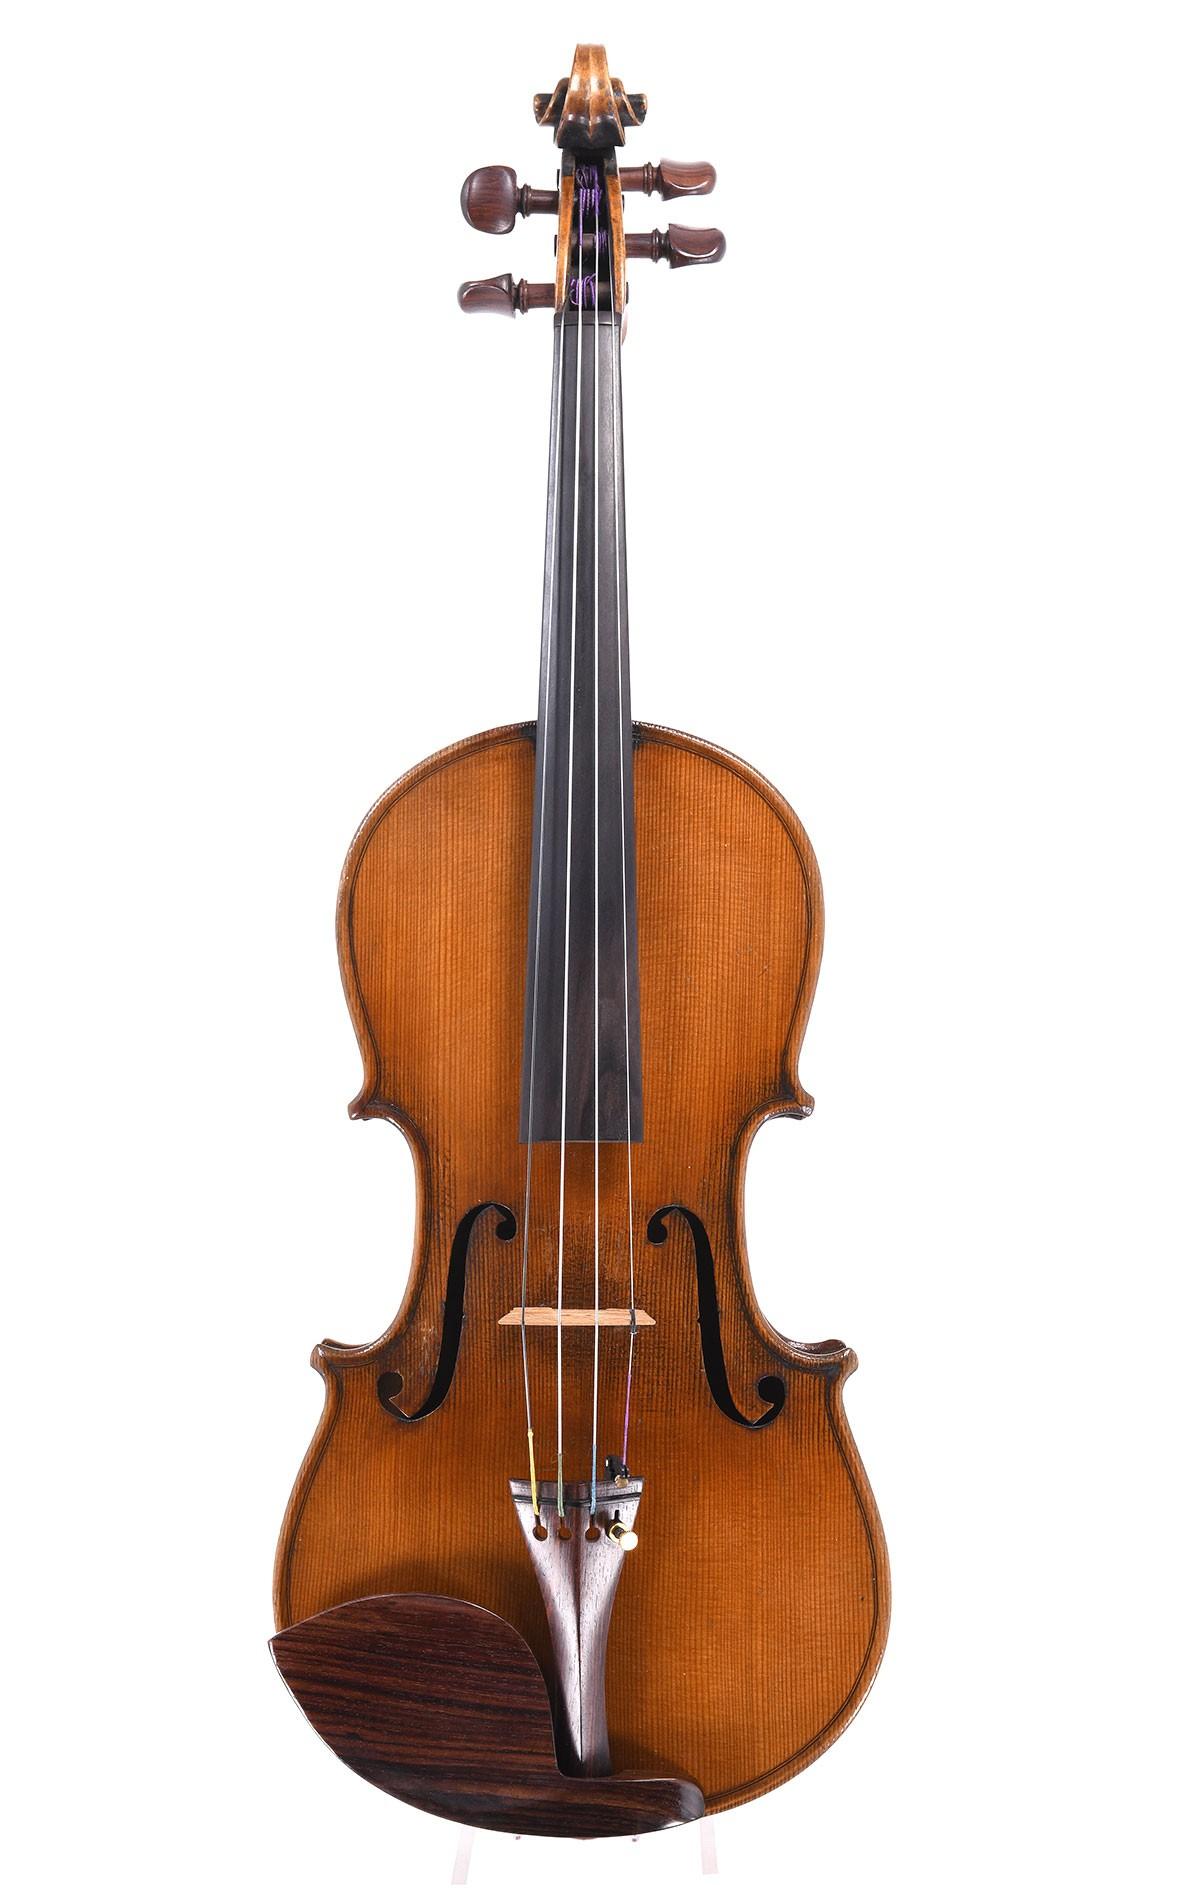 Schuster & Co Geige aus Markneukirchen